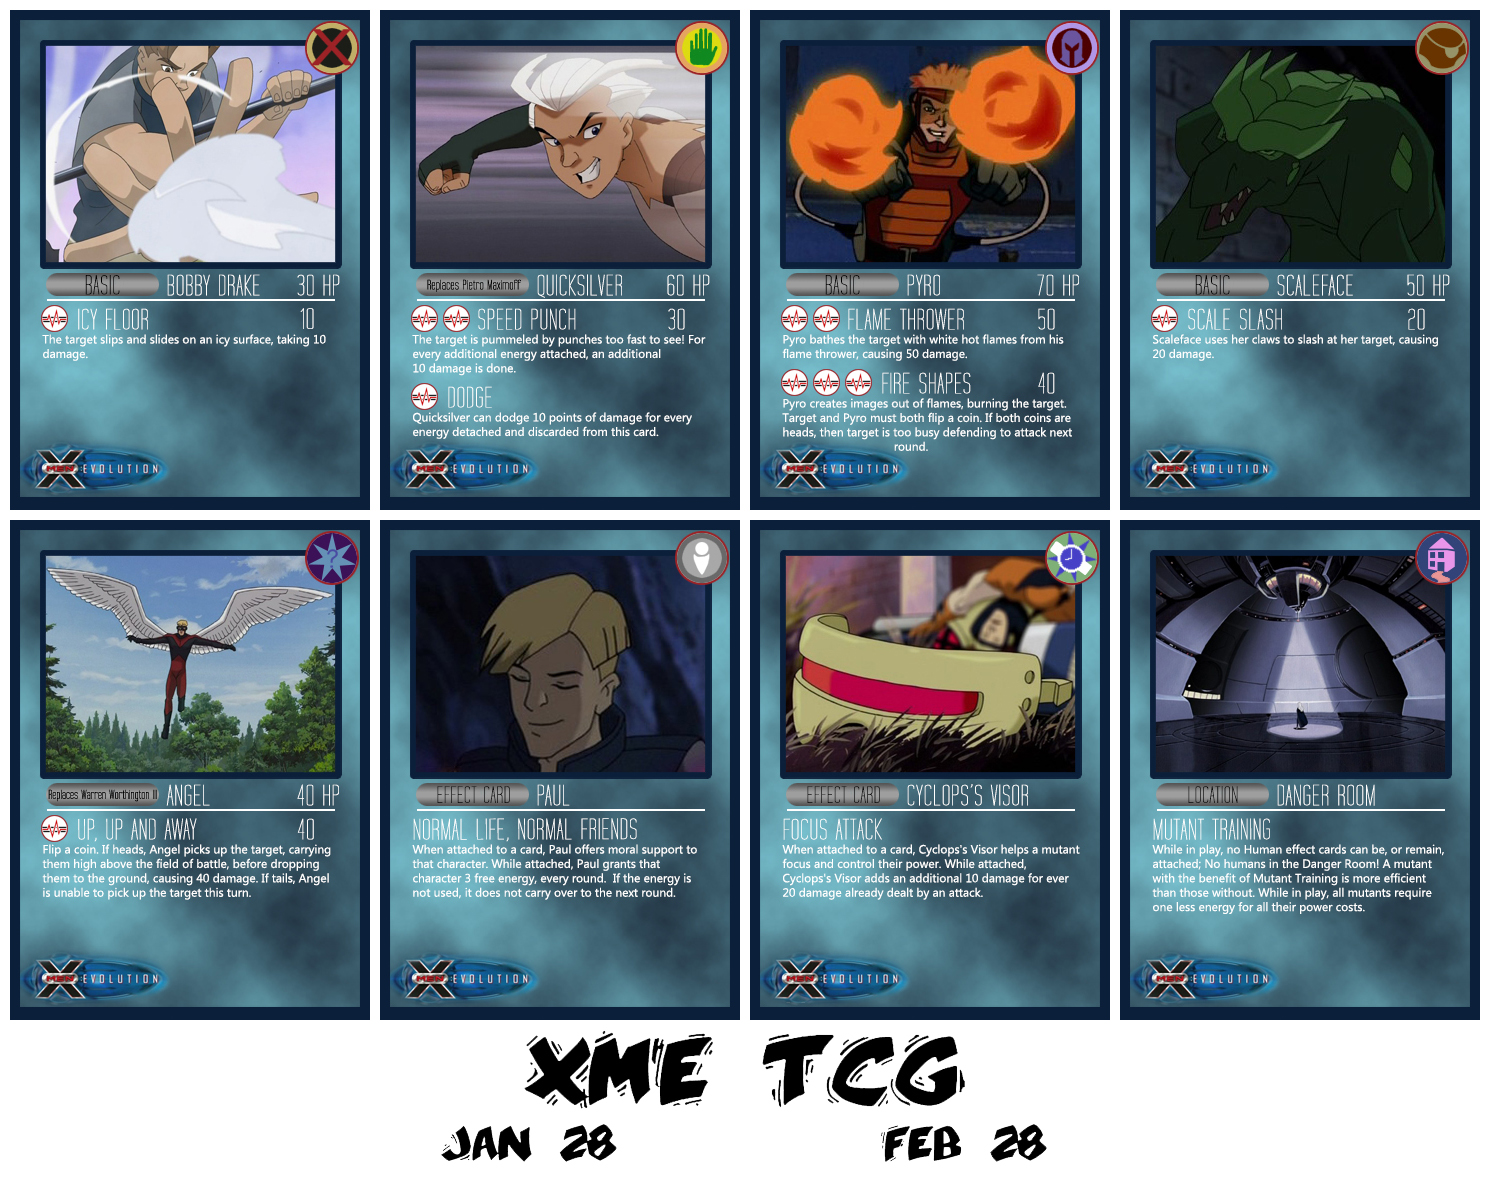 CONTEST: XME TCG